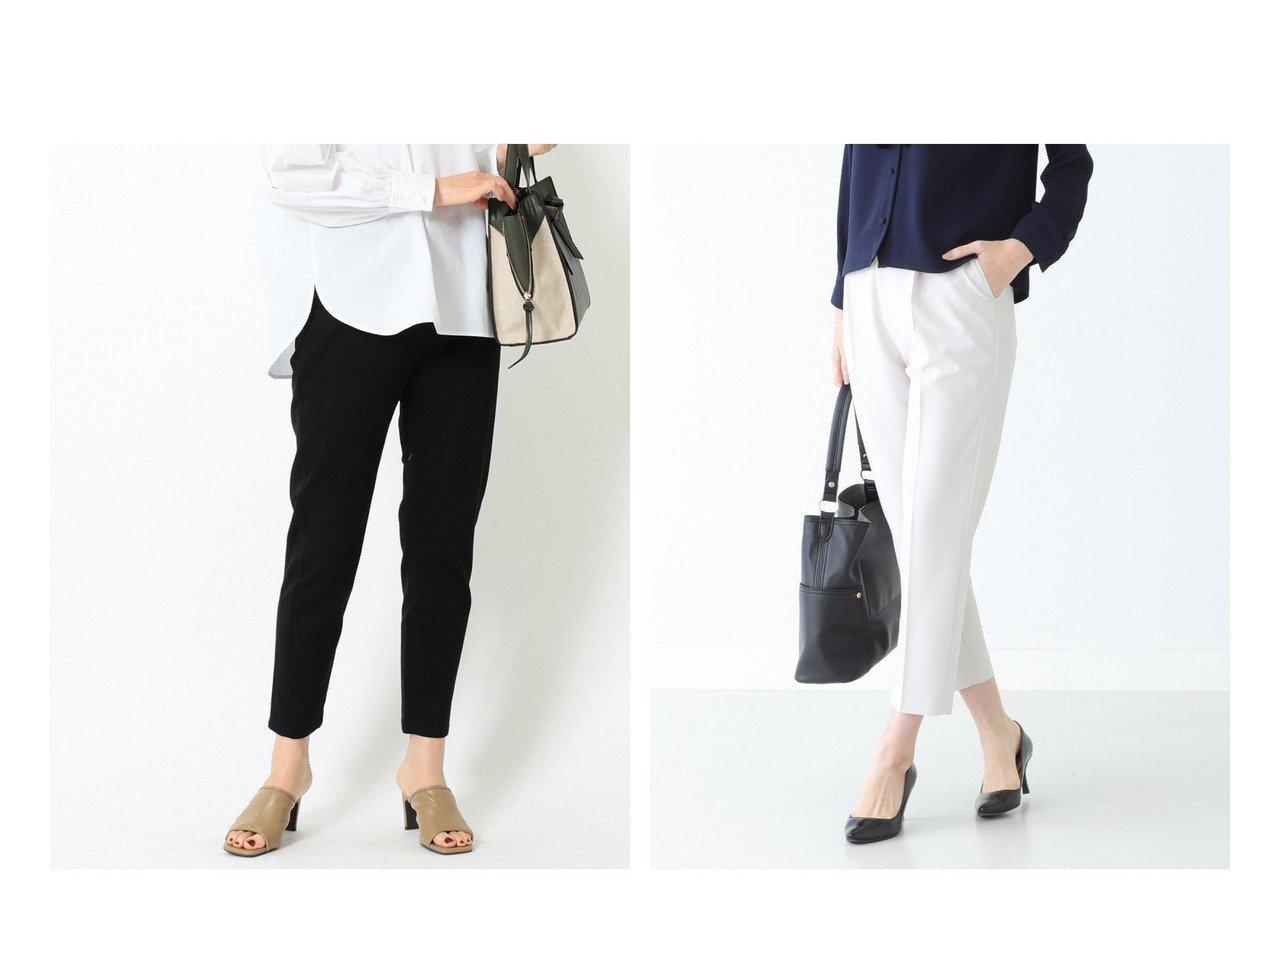 【B:MING by BEAMS/ビーミング by ビームス】のジョーゼット タックパンツ 21MO&ストレッチ テーパード パンツ 21SS BEAMSのおすすめ!人気、トレンド・レディースファッションの通販 おすすめで人気の流行・トレンド、ファッションの通販商品 メンズファッション・キッズファッション・インテリア・家具・レディースファッション・服の通販 founy(ファニー) https://founy.com/ ファッション Fashion レディースファッション WOMEN パンツ Pants 2021年 2021 2021 春夏 S/S SS Spring/Summer 2021 S/S 春夏 SS Spring/Summer ジーンズ ストレッチ テーパード ベーシック ヨーク 今季 コレクション ジョーゼット セットアップ センター 再入荷 Restock/Back in Stock/Re Arrival |ID:crp329100000017073